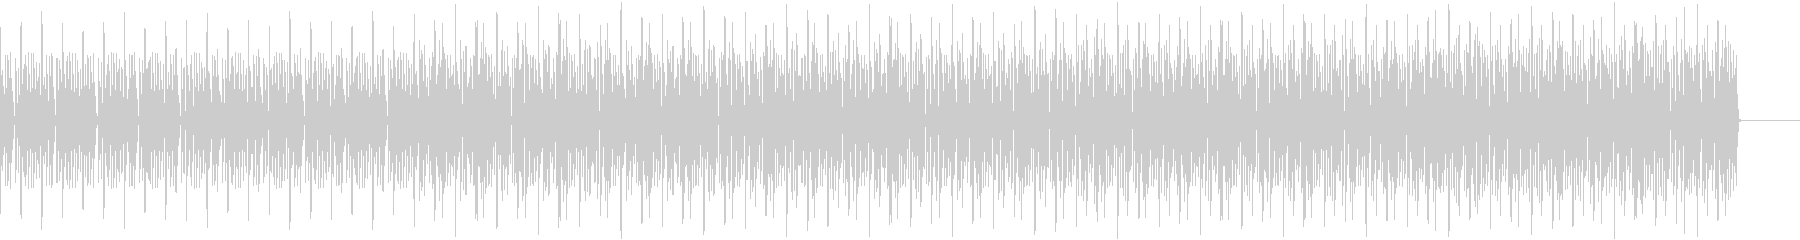 動画 何かをやってみた ときのBGMの未再生の波形